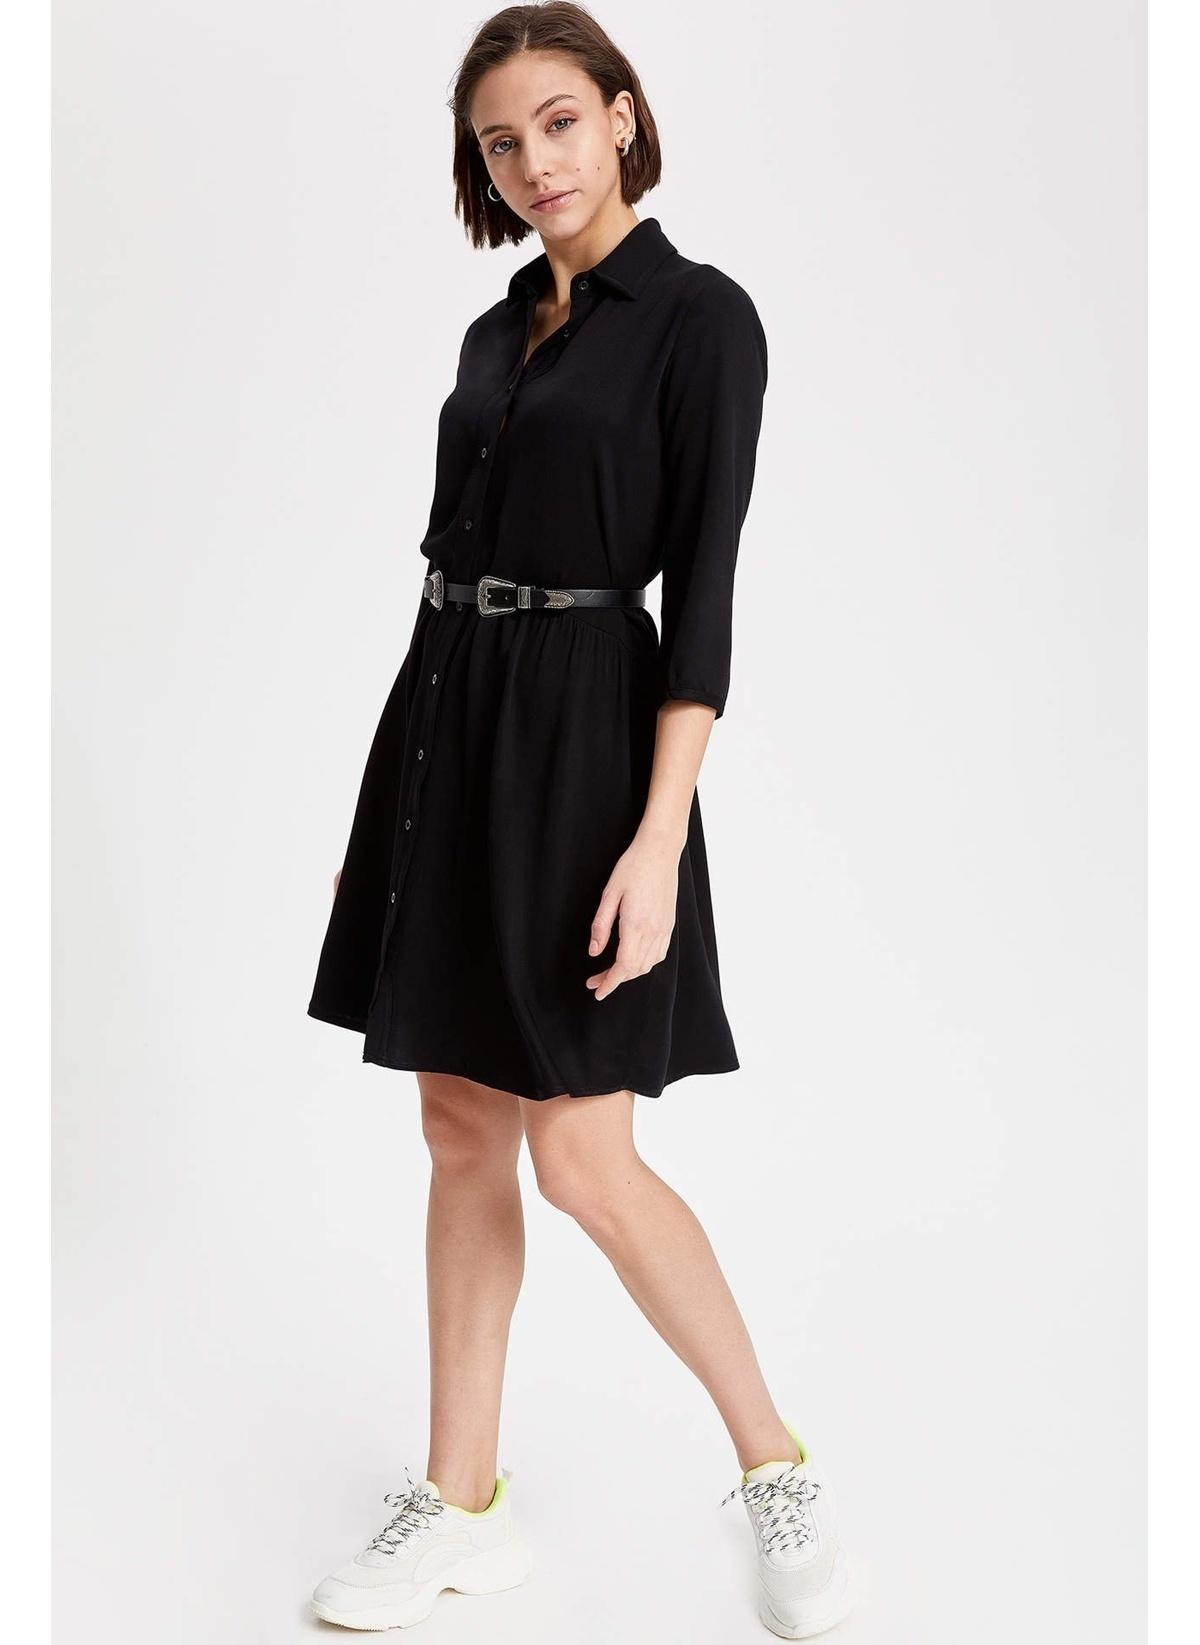 Defacto Elbise L0557az19spbk46elbise – 49.99 TL